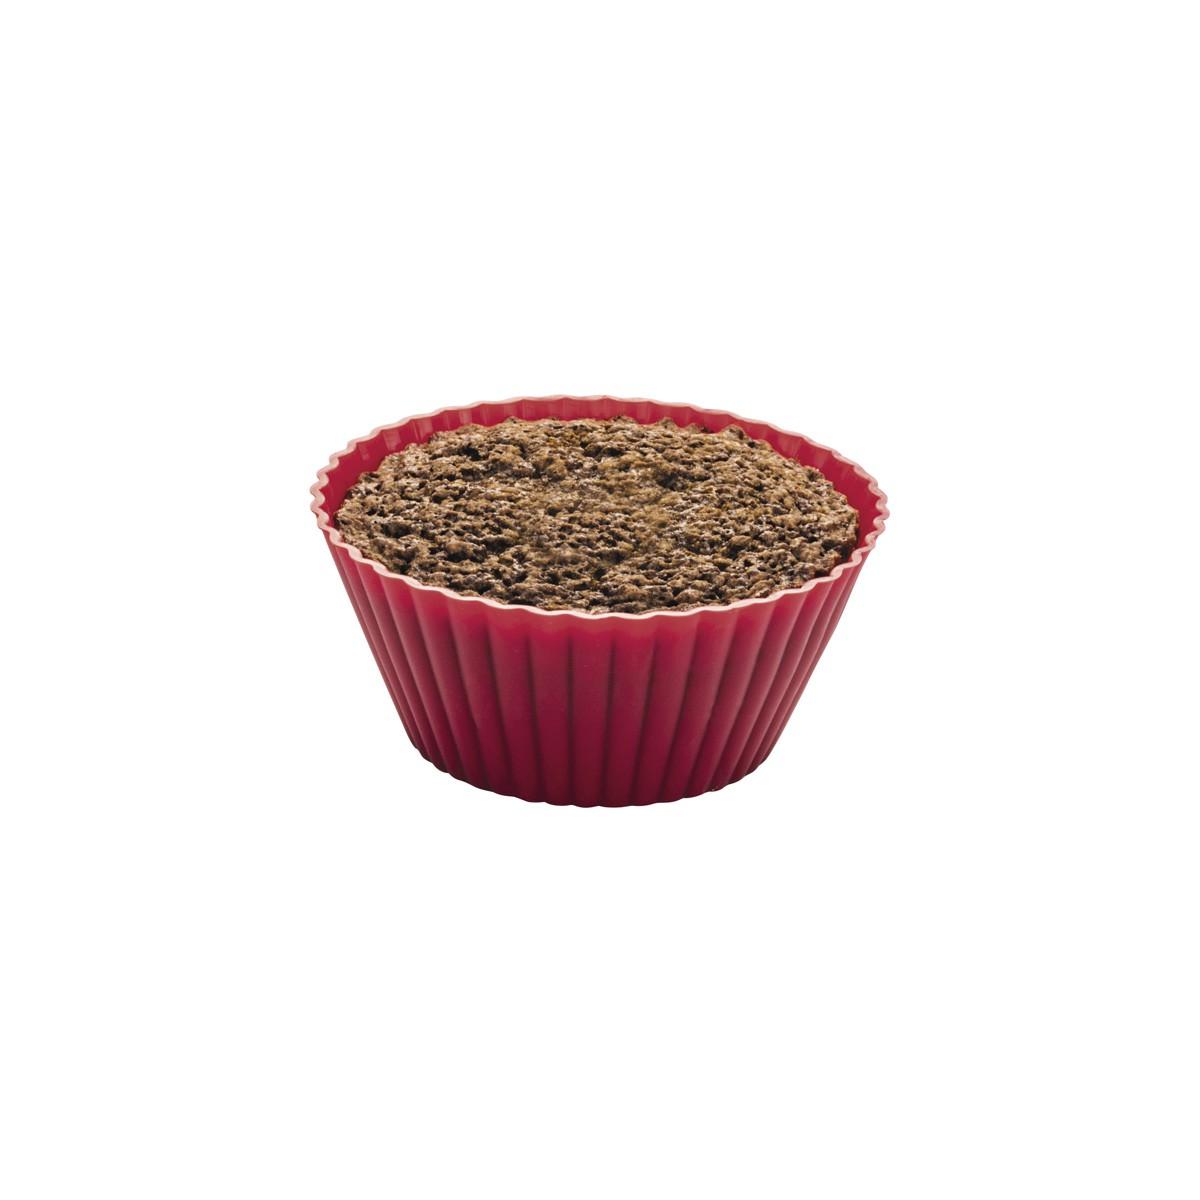 Forma Assadeira para Cupcake 12 Peças de Silicone Vermelha